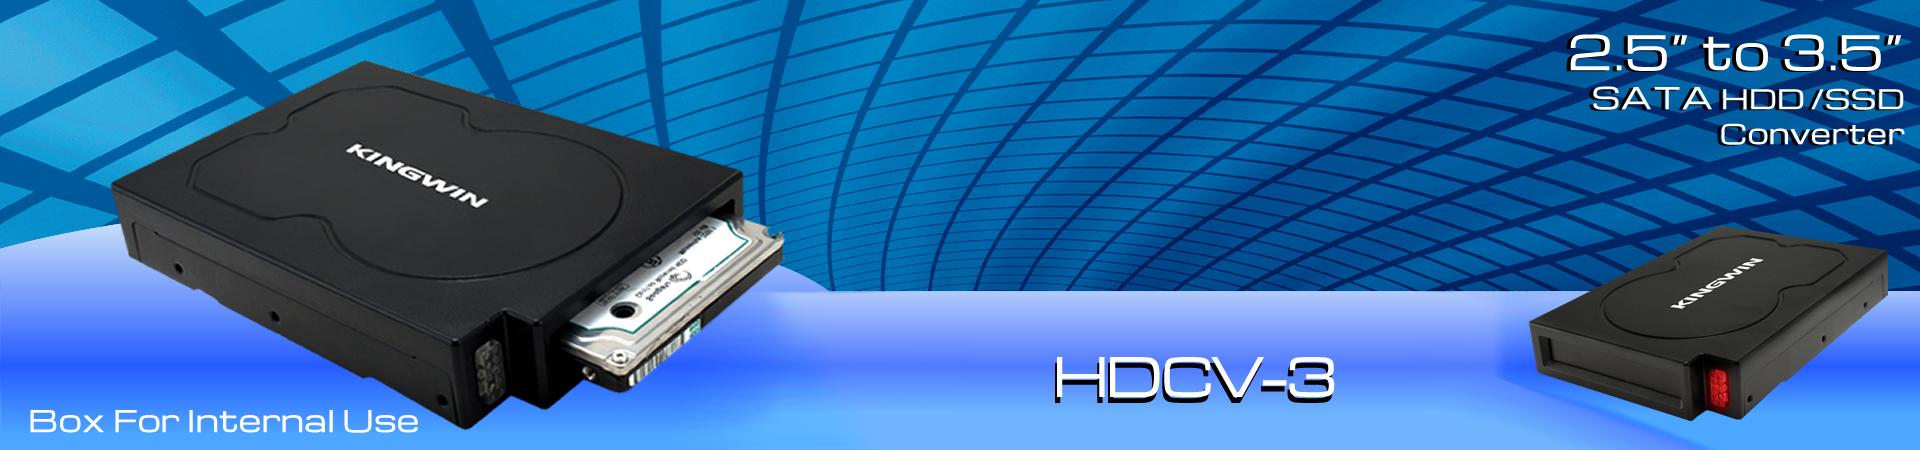 HDCV-3_Banner.fw